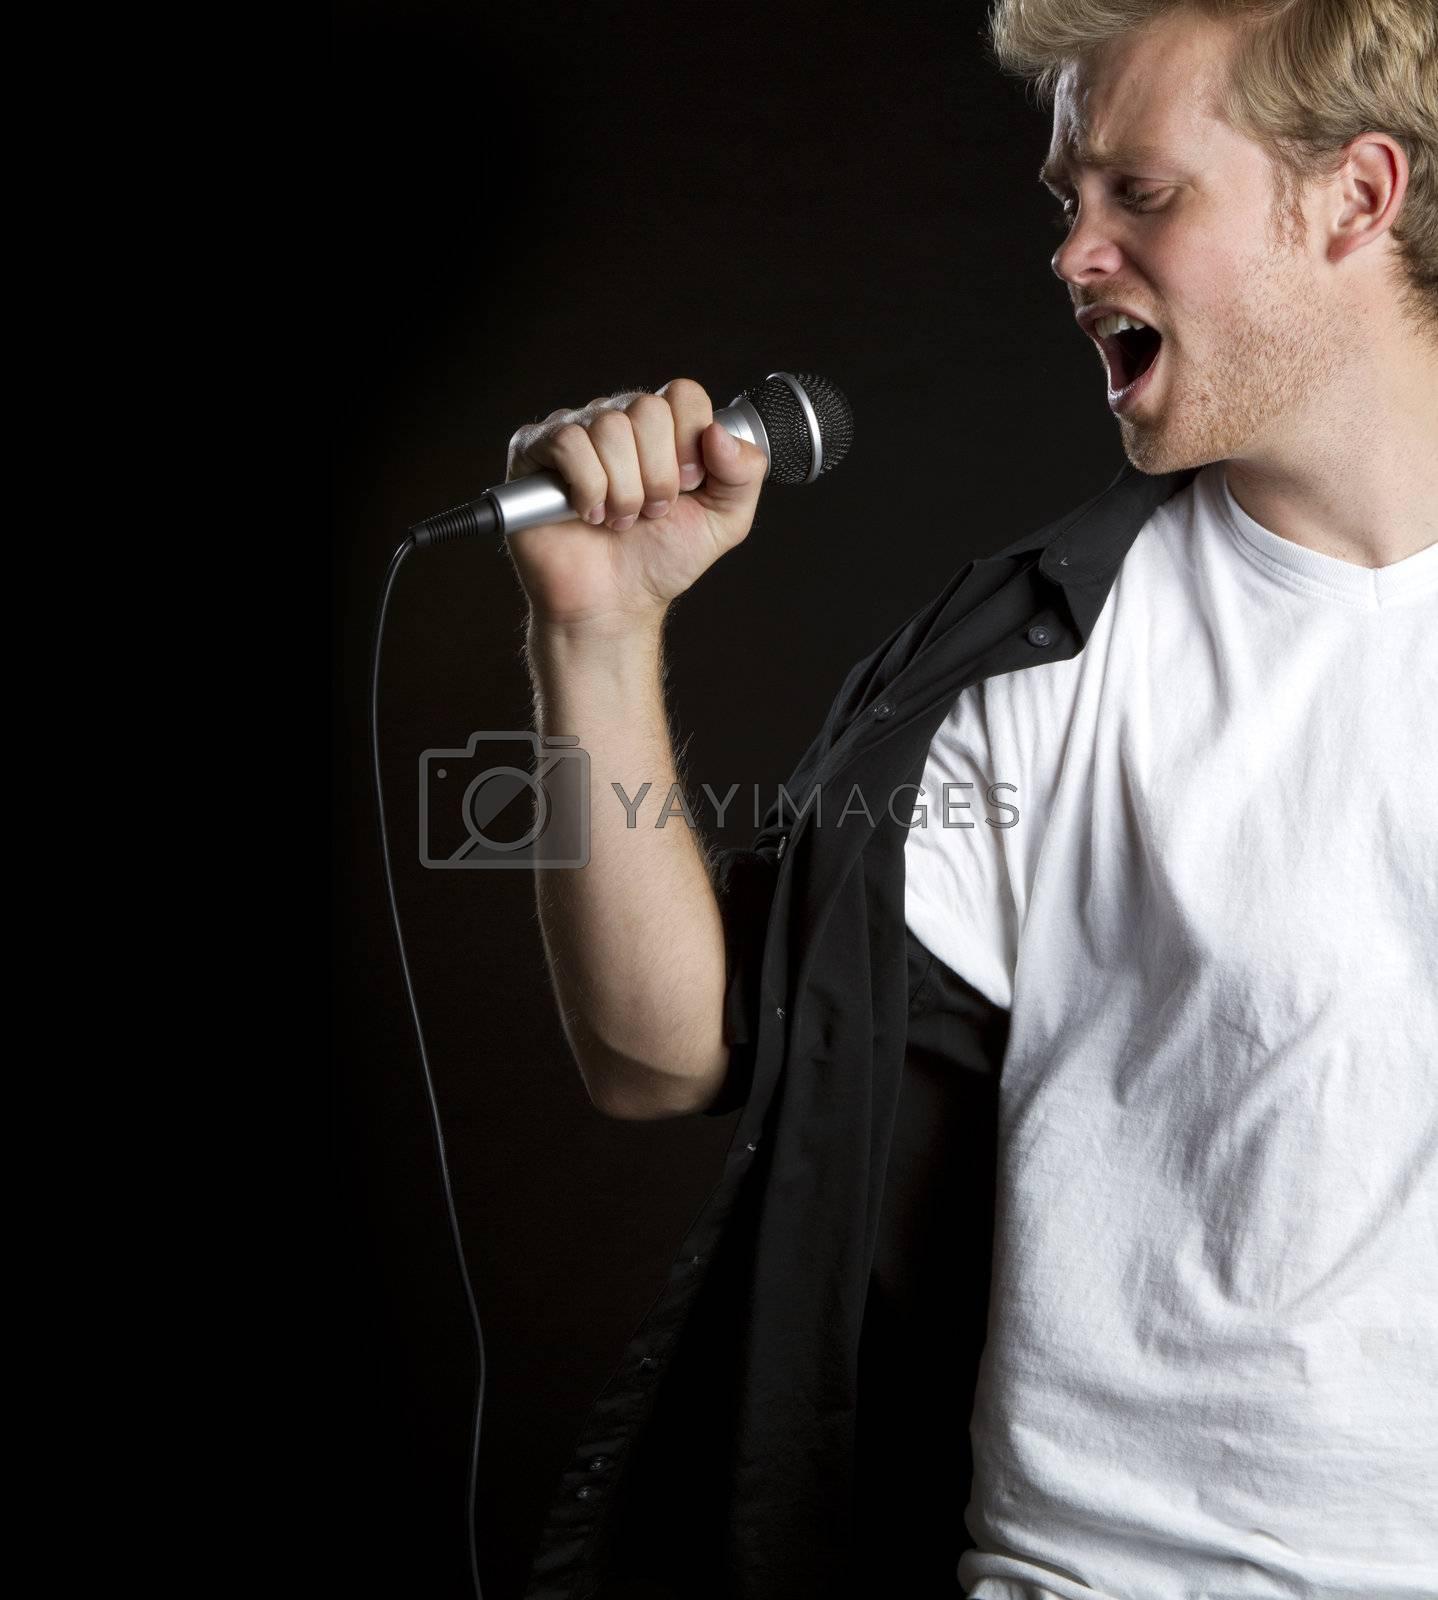 Young man singing microphone karaoke